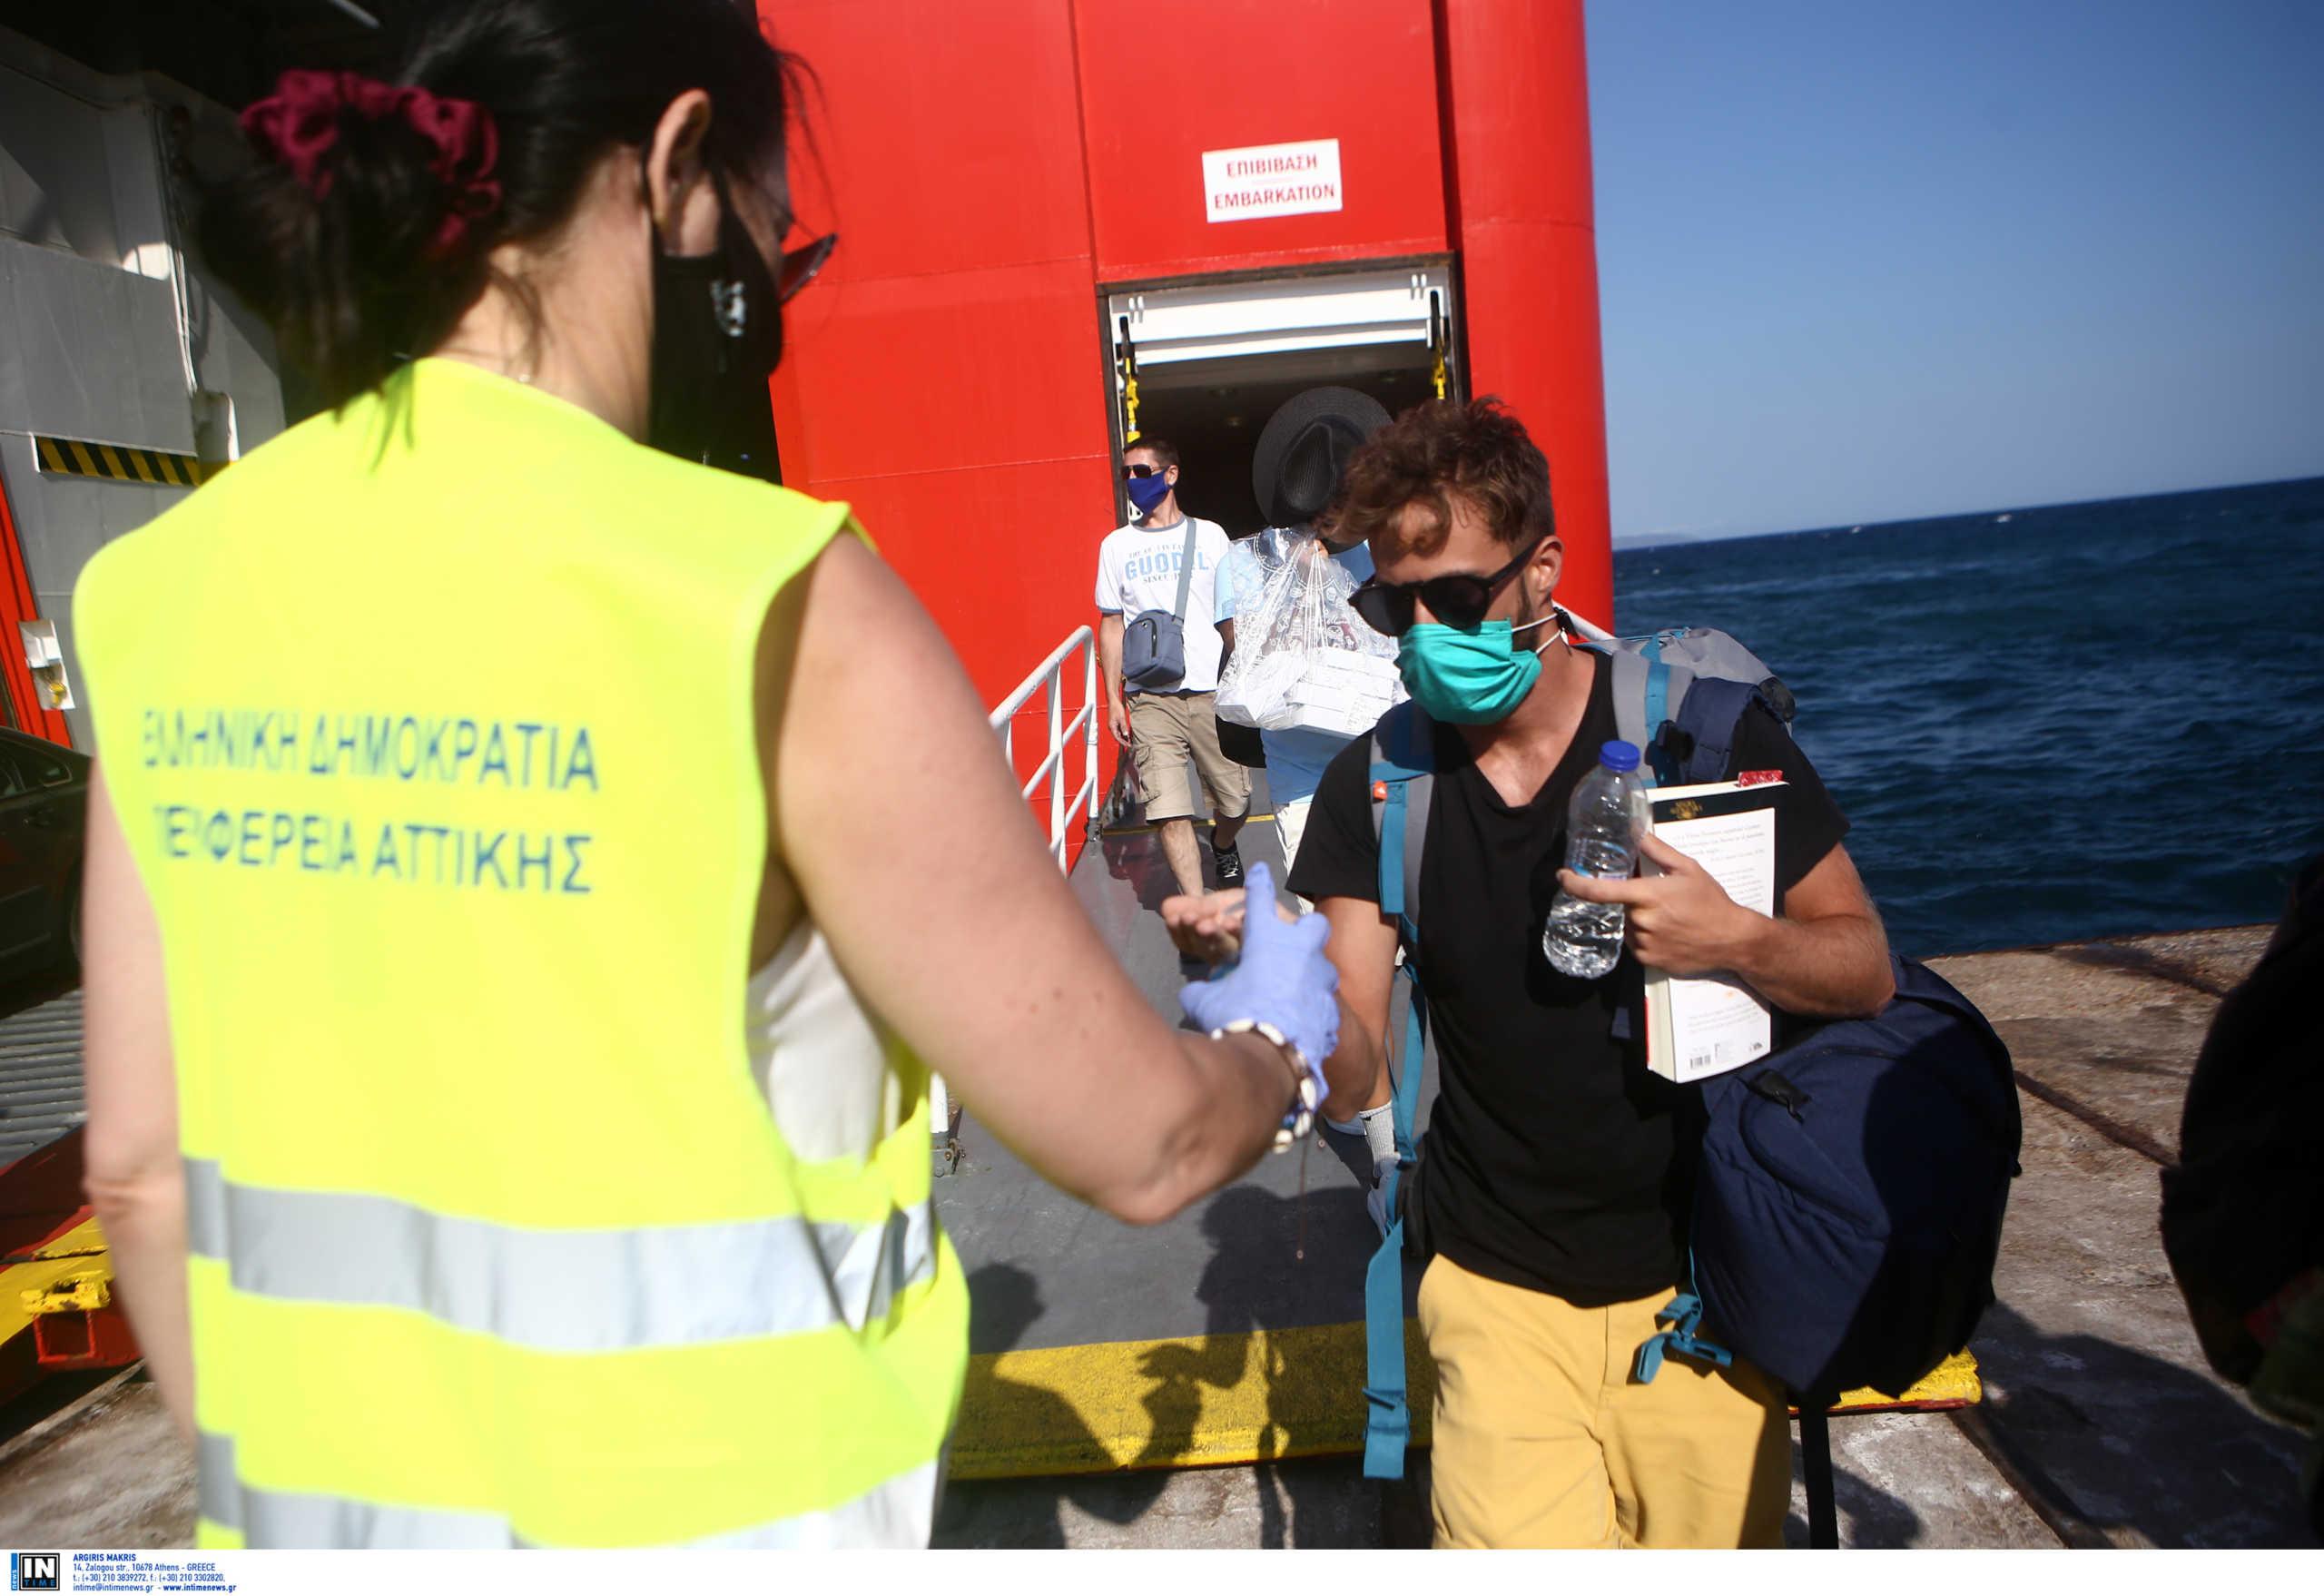 Μόνιμοι οι έλεγχοι για κορονοϊό στο λιμάνι του Πειραιά σε ταξιδιώτες που επιστρέφουν από τα νησιά